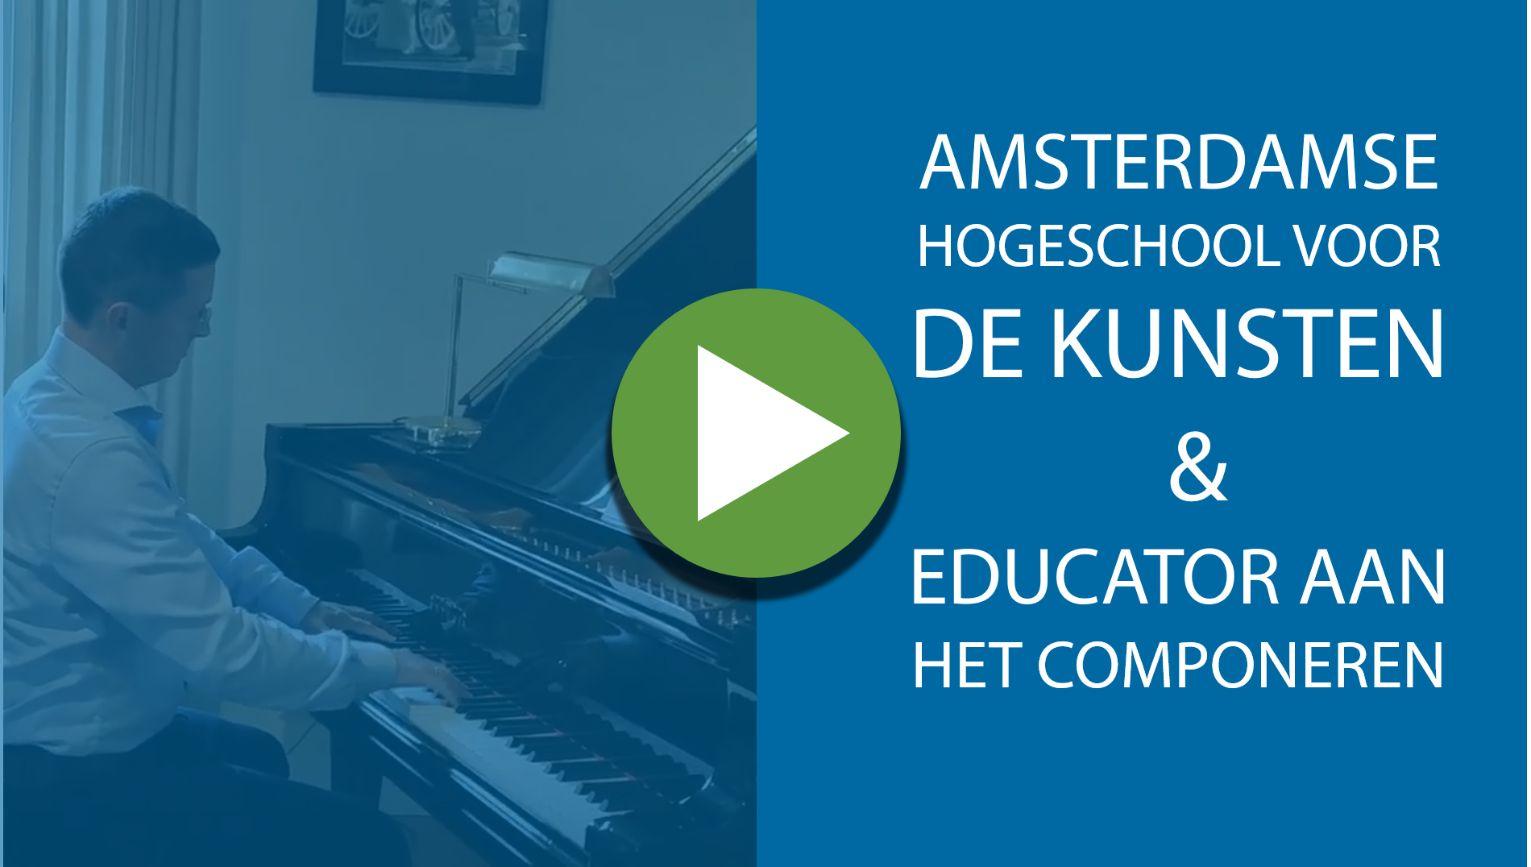 De Amsterdamse Hogeschool voor de Kunsten componeert samen met Educator